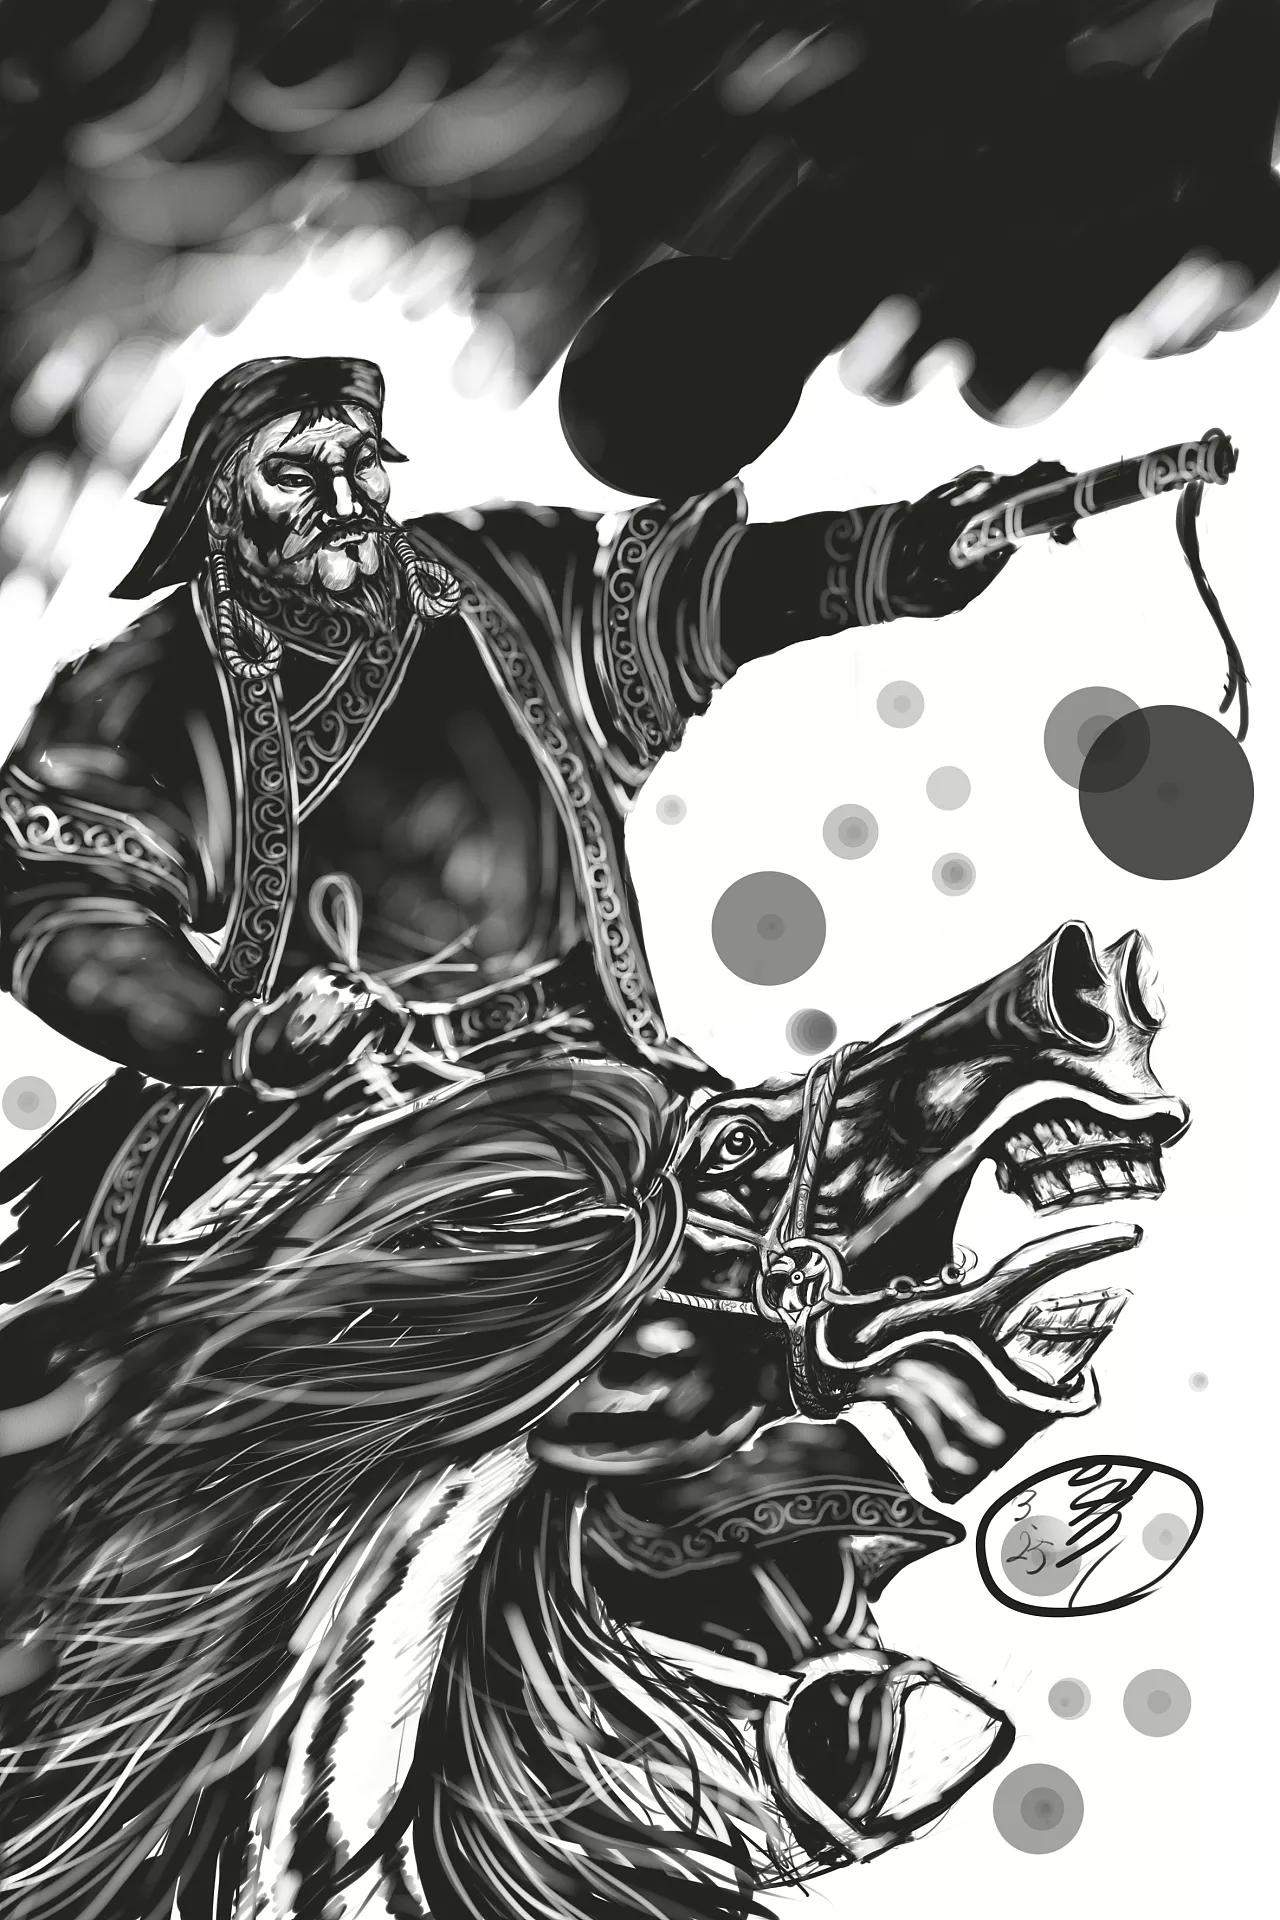 蒙古人物CG插图 第3张